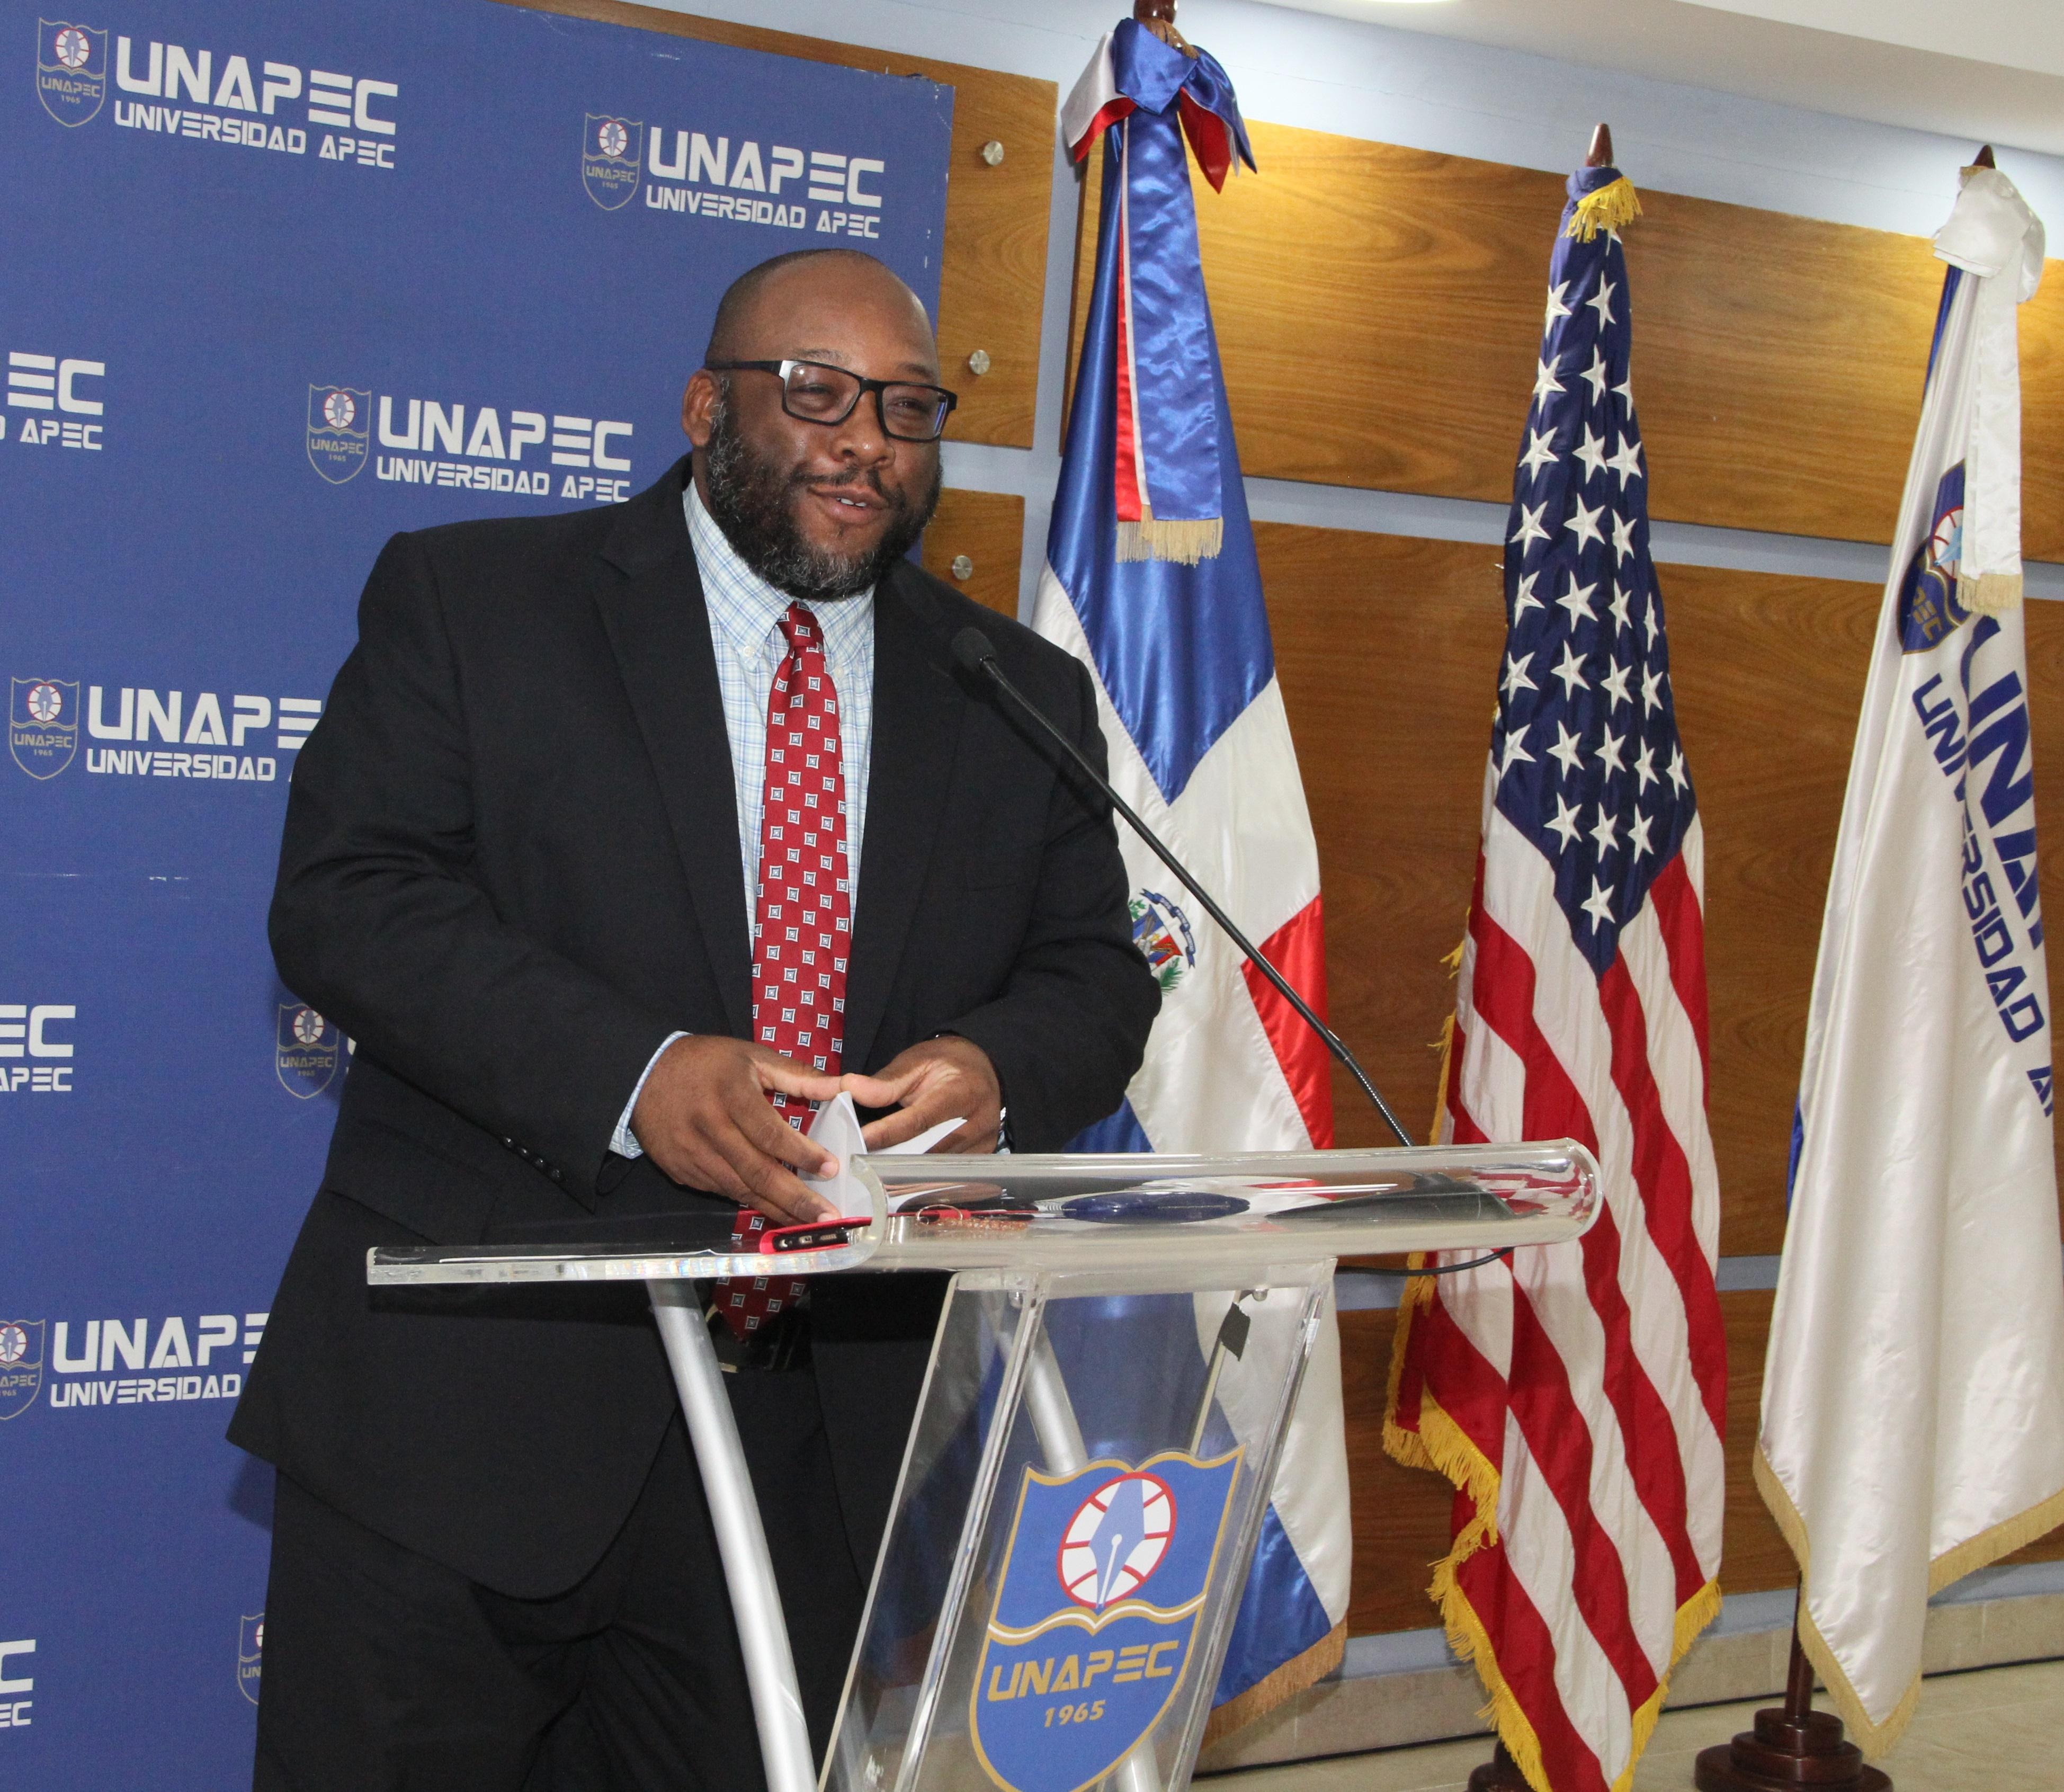 Ministro Consejero interino de la Embajada de los Estados Unidos en República Dominicana, el señor Arthur Brown.